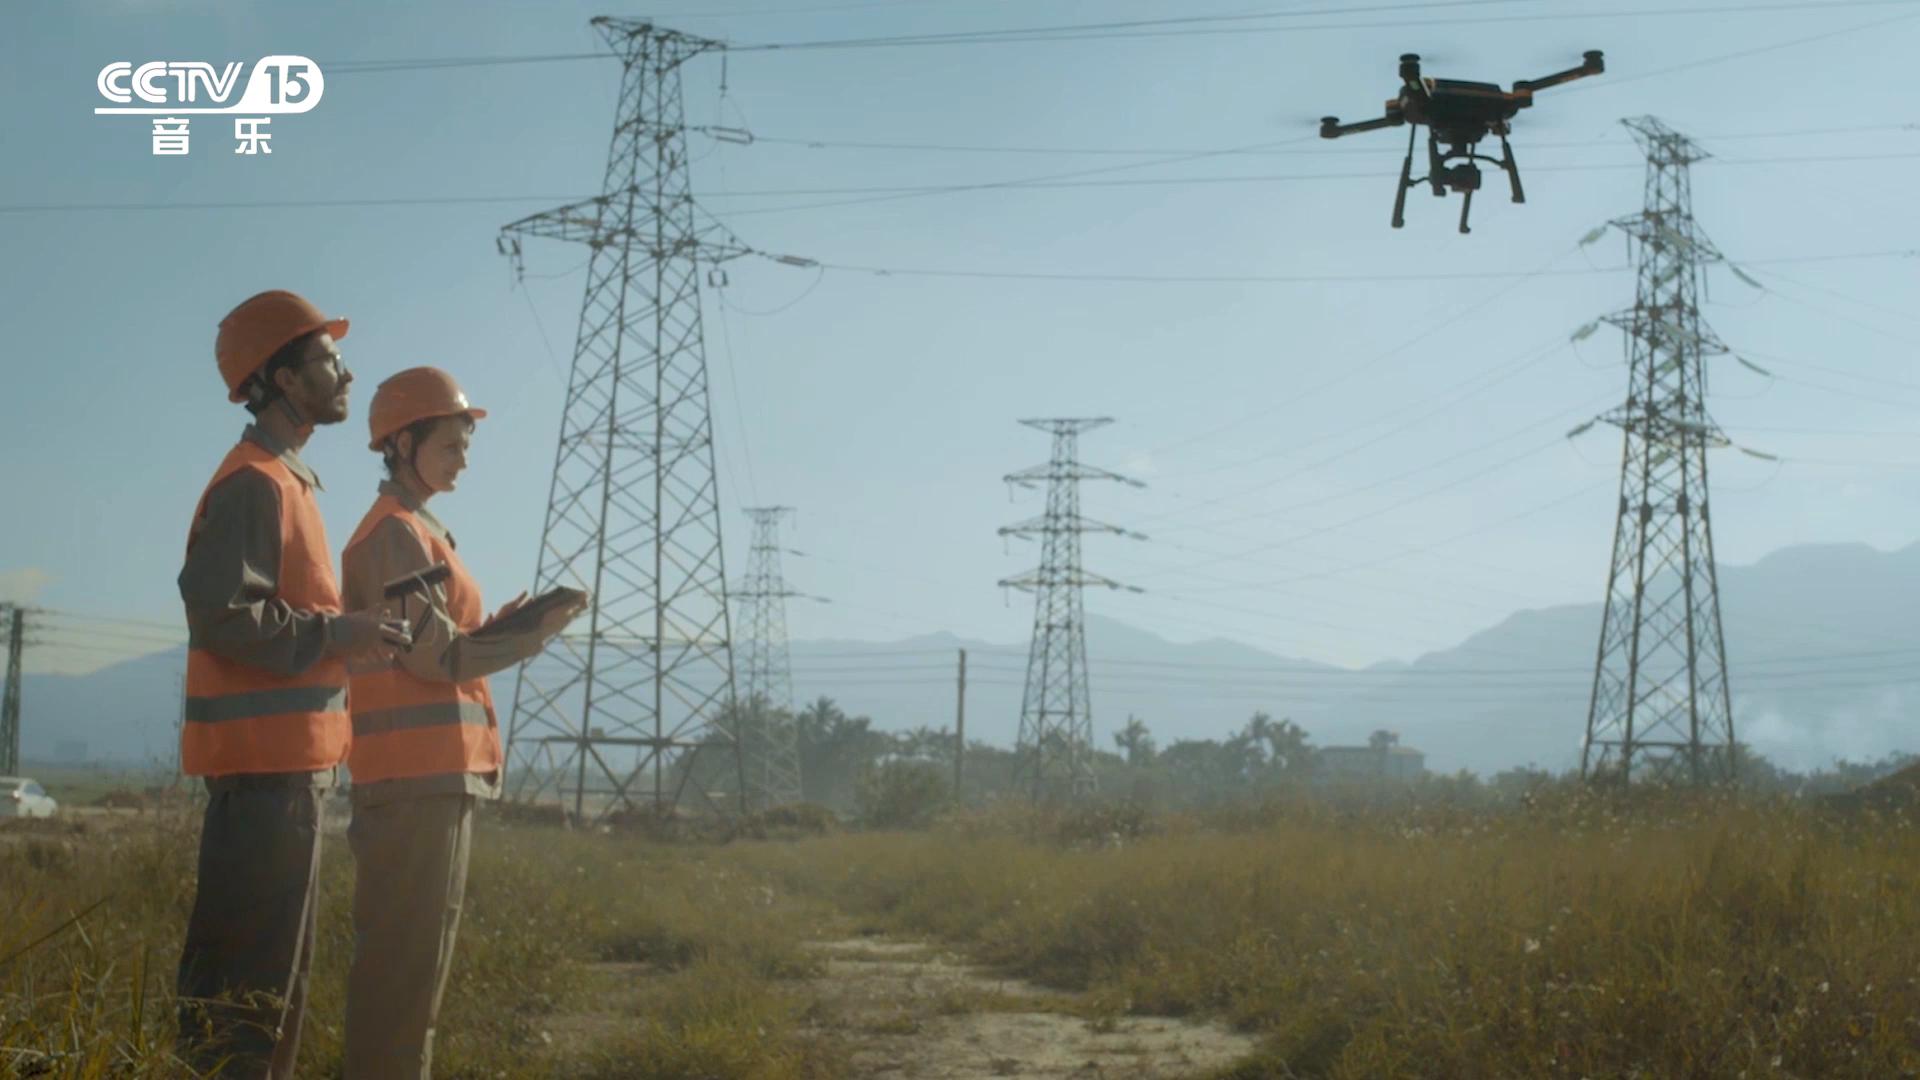 Raptor uav drone uav flugzeug kamera uav